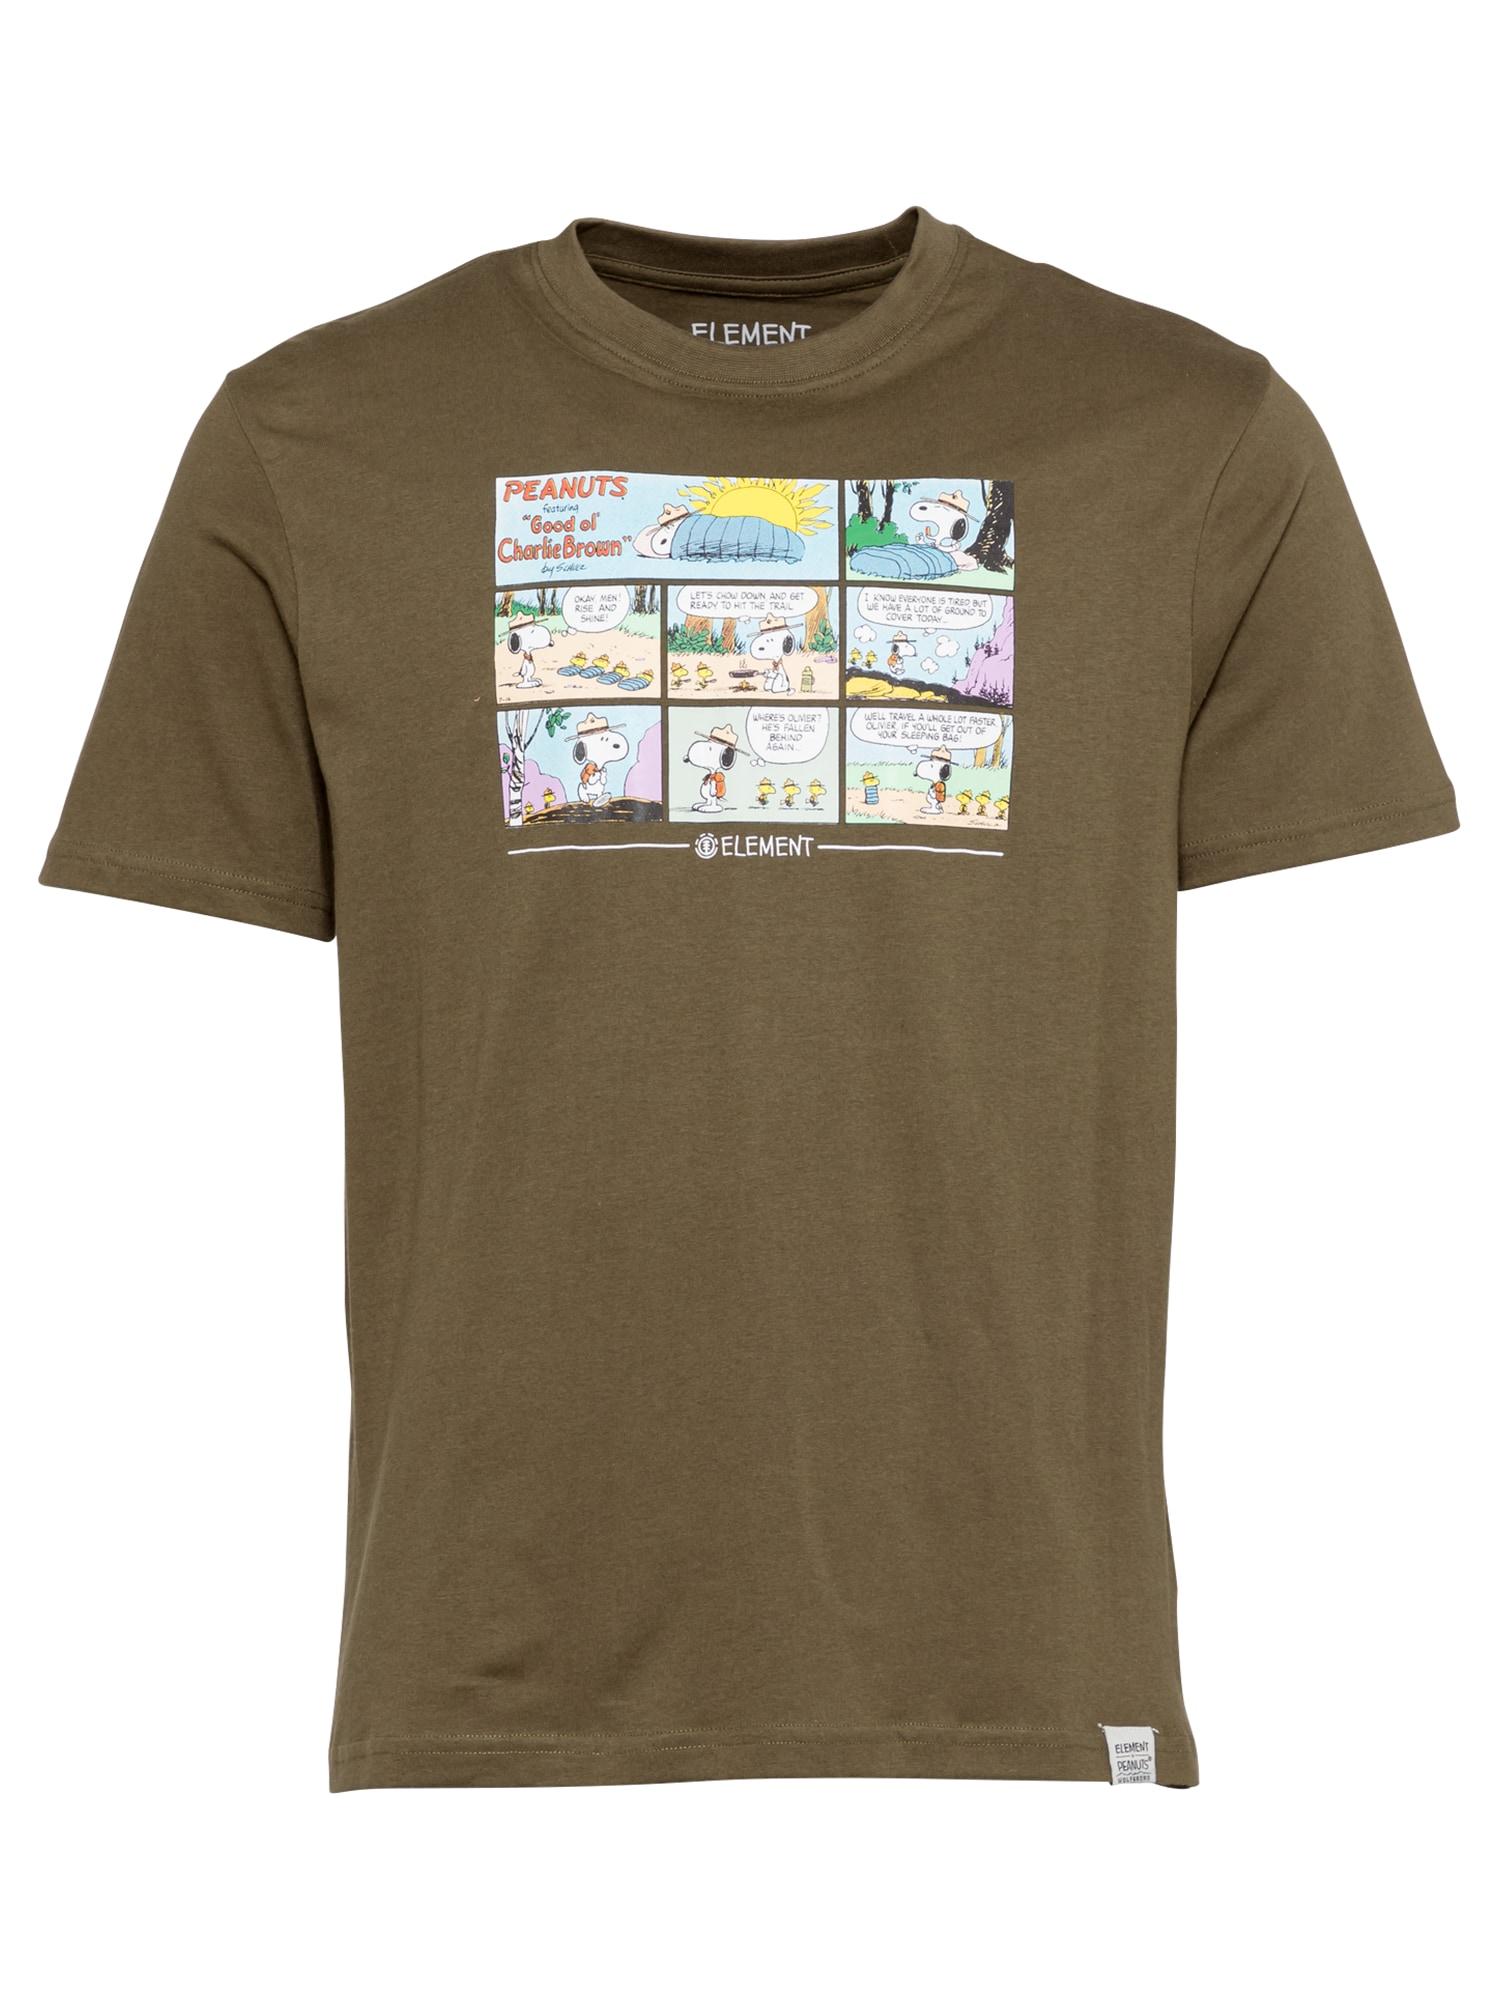 ELEMENT Marškinėliai alyvuogių spalva / mišrios spalvos